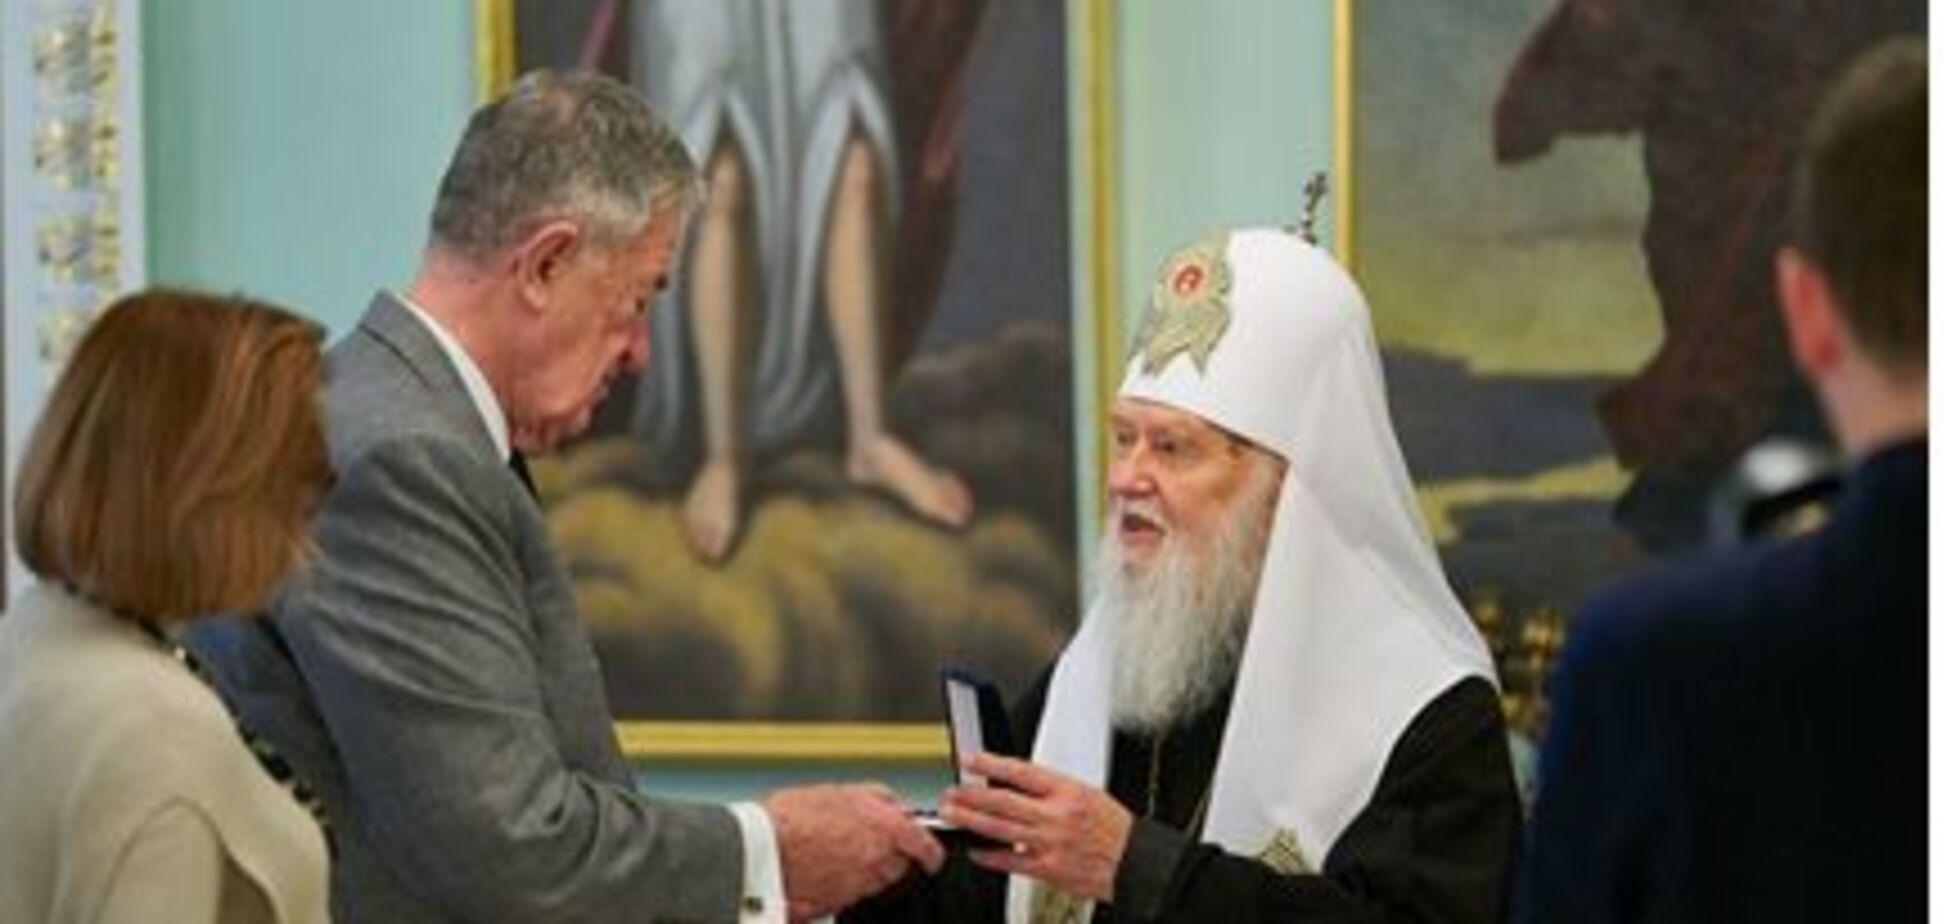 За поддержку Украины: Филарет наградил экс-замглаву ЦРУ орденом